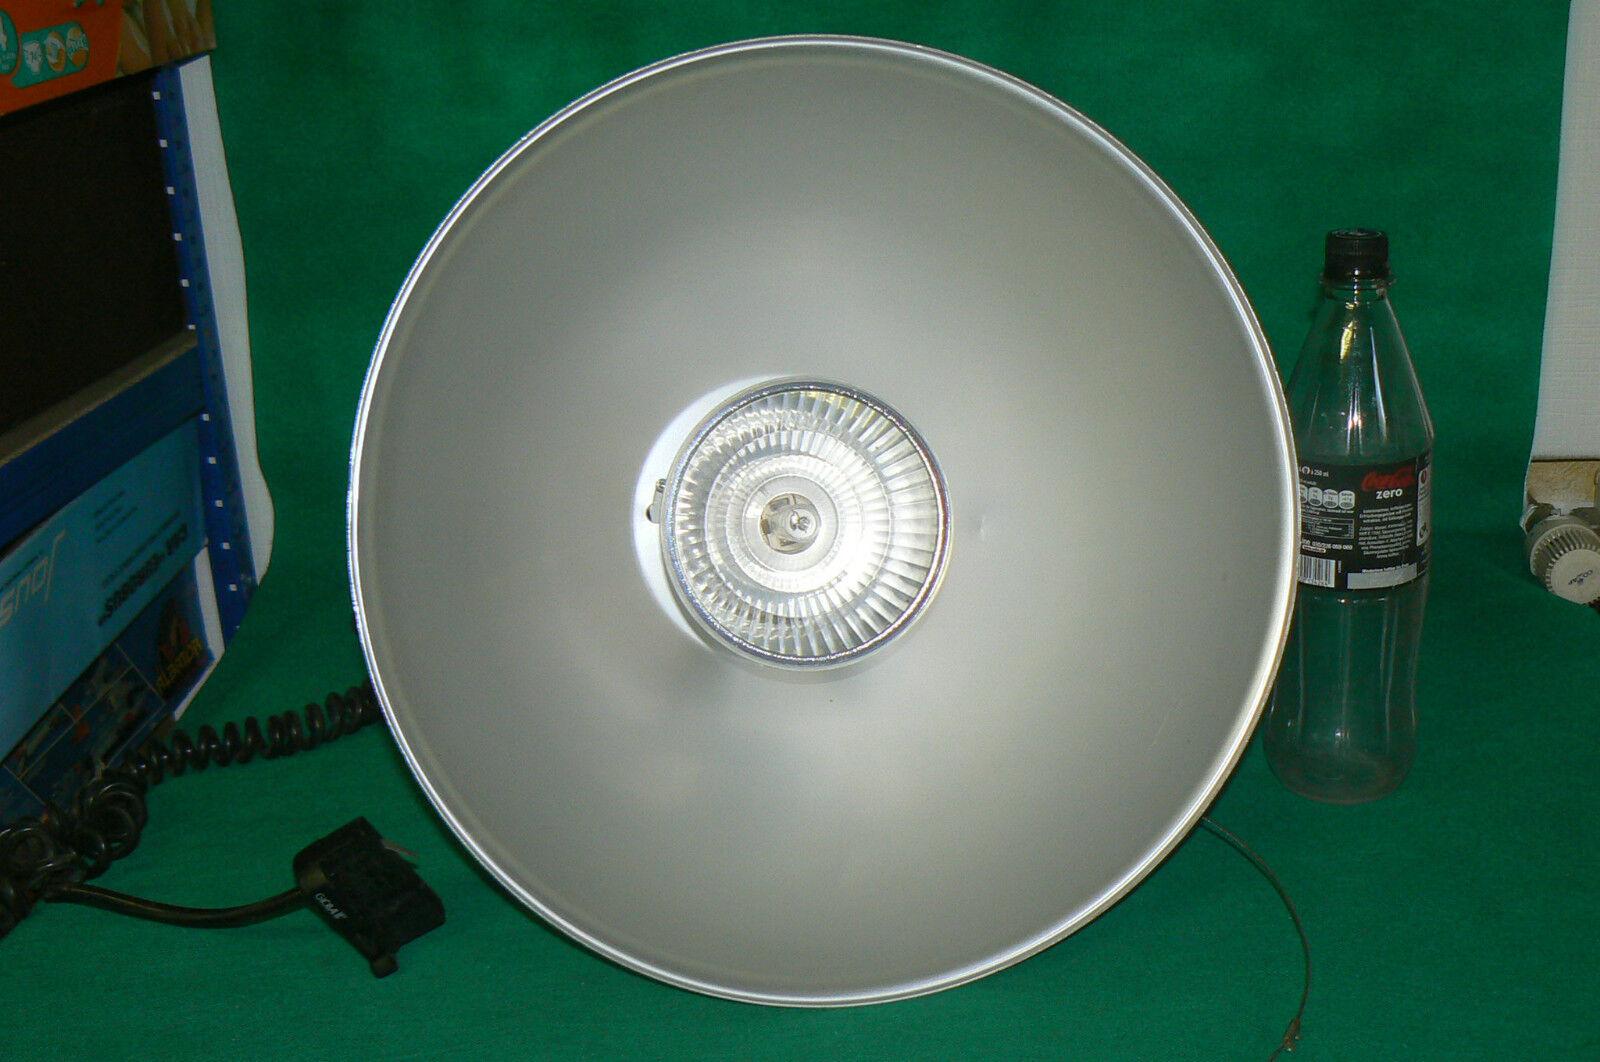 Enorme lampe suspension en en suspension alu d'usine d'atelier design industriel pour loft 2 c849e9